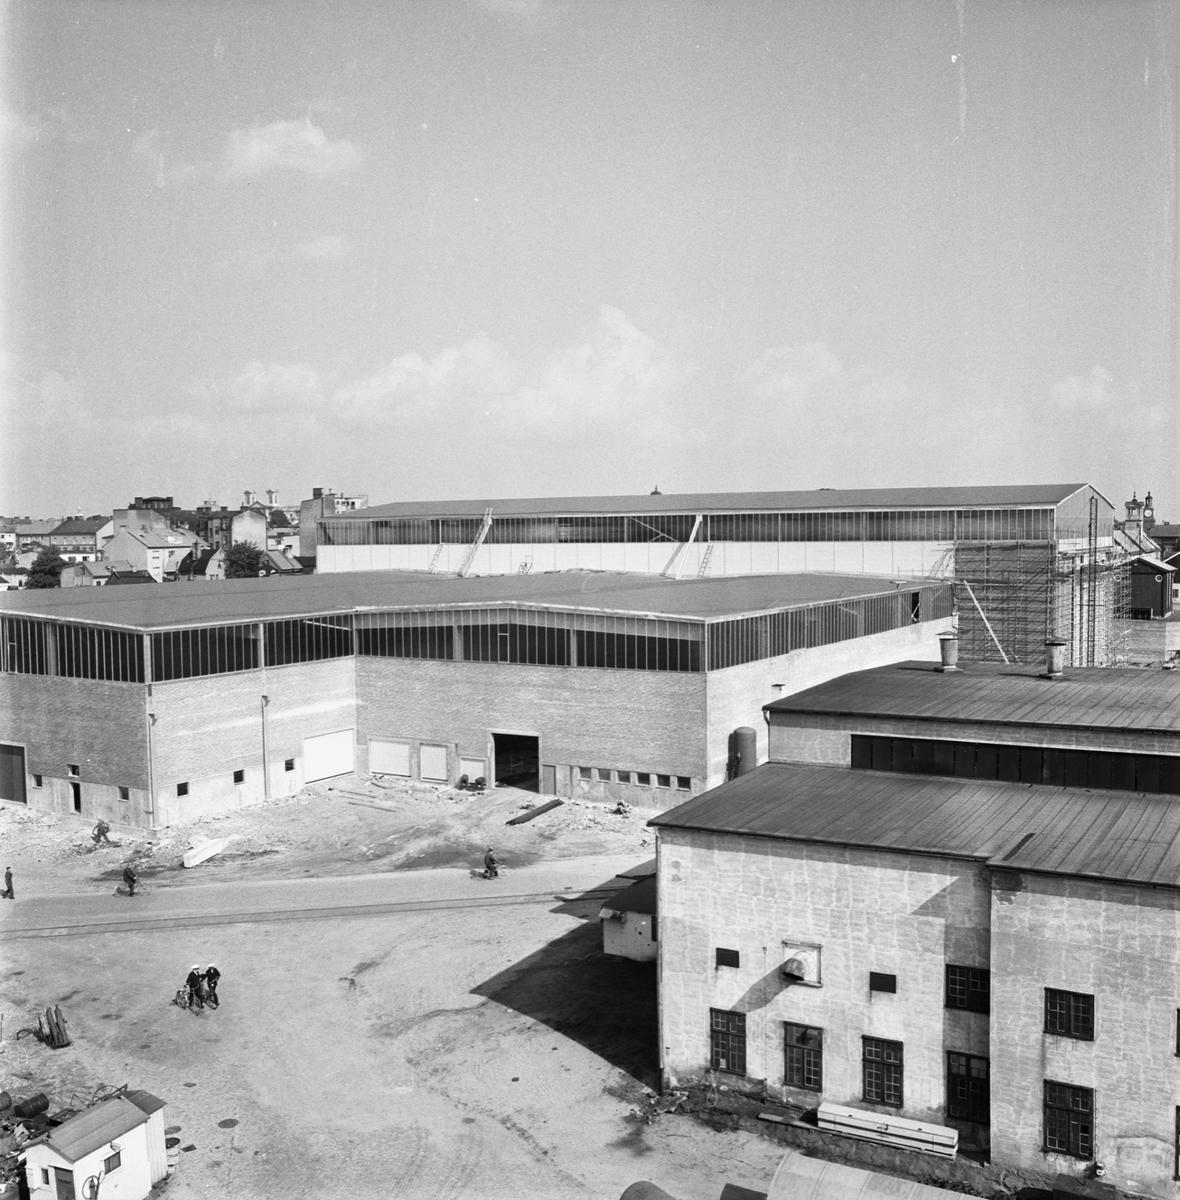 Övrigt: Fotodatum 6/9 1963 Byggnader och Kranar Nyb. området. ext